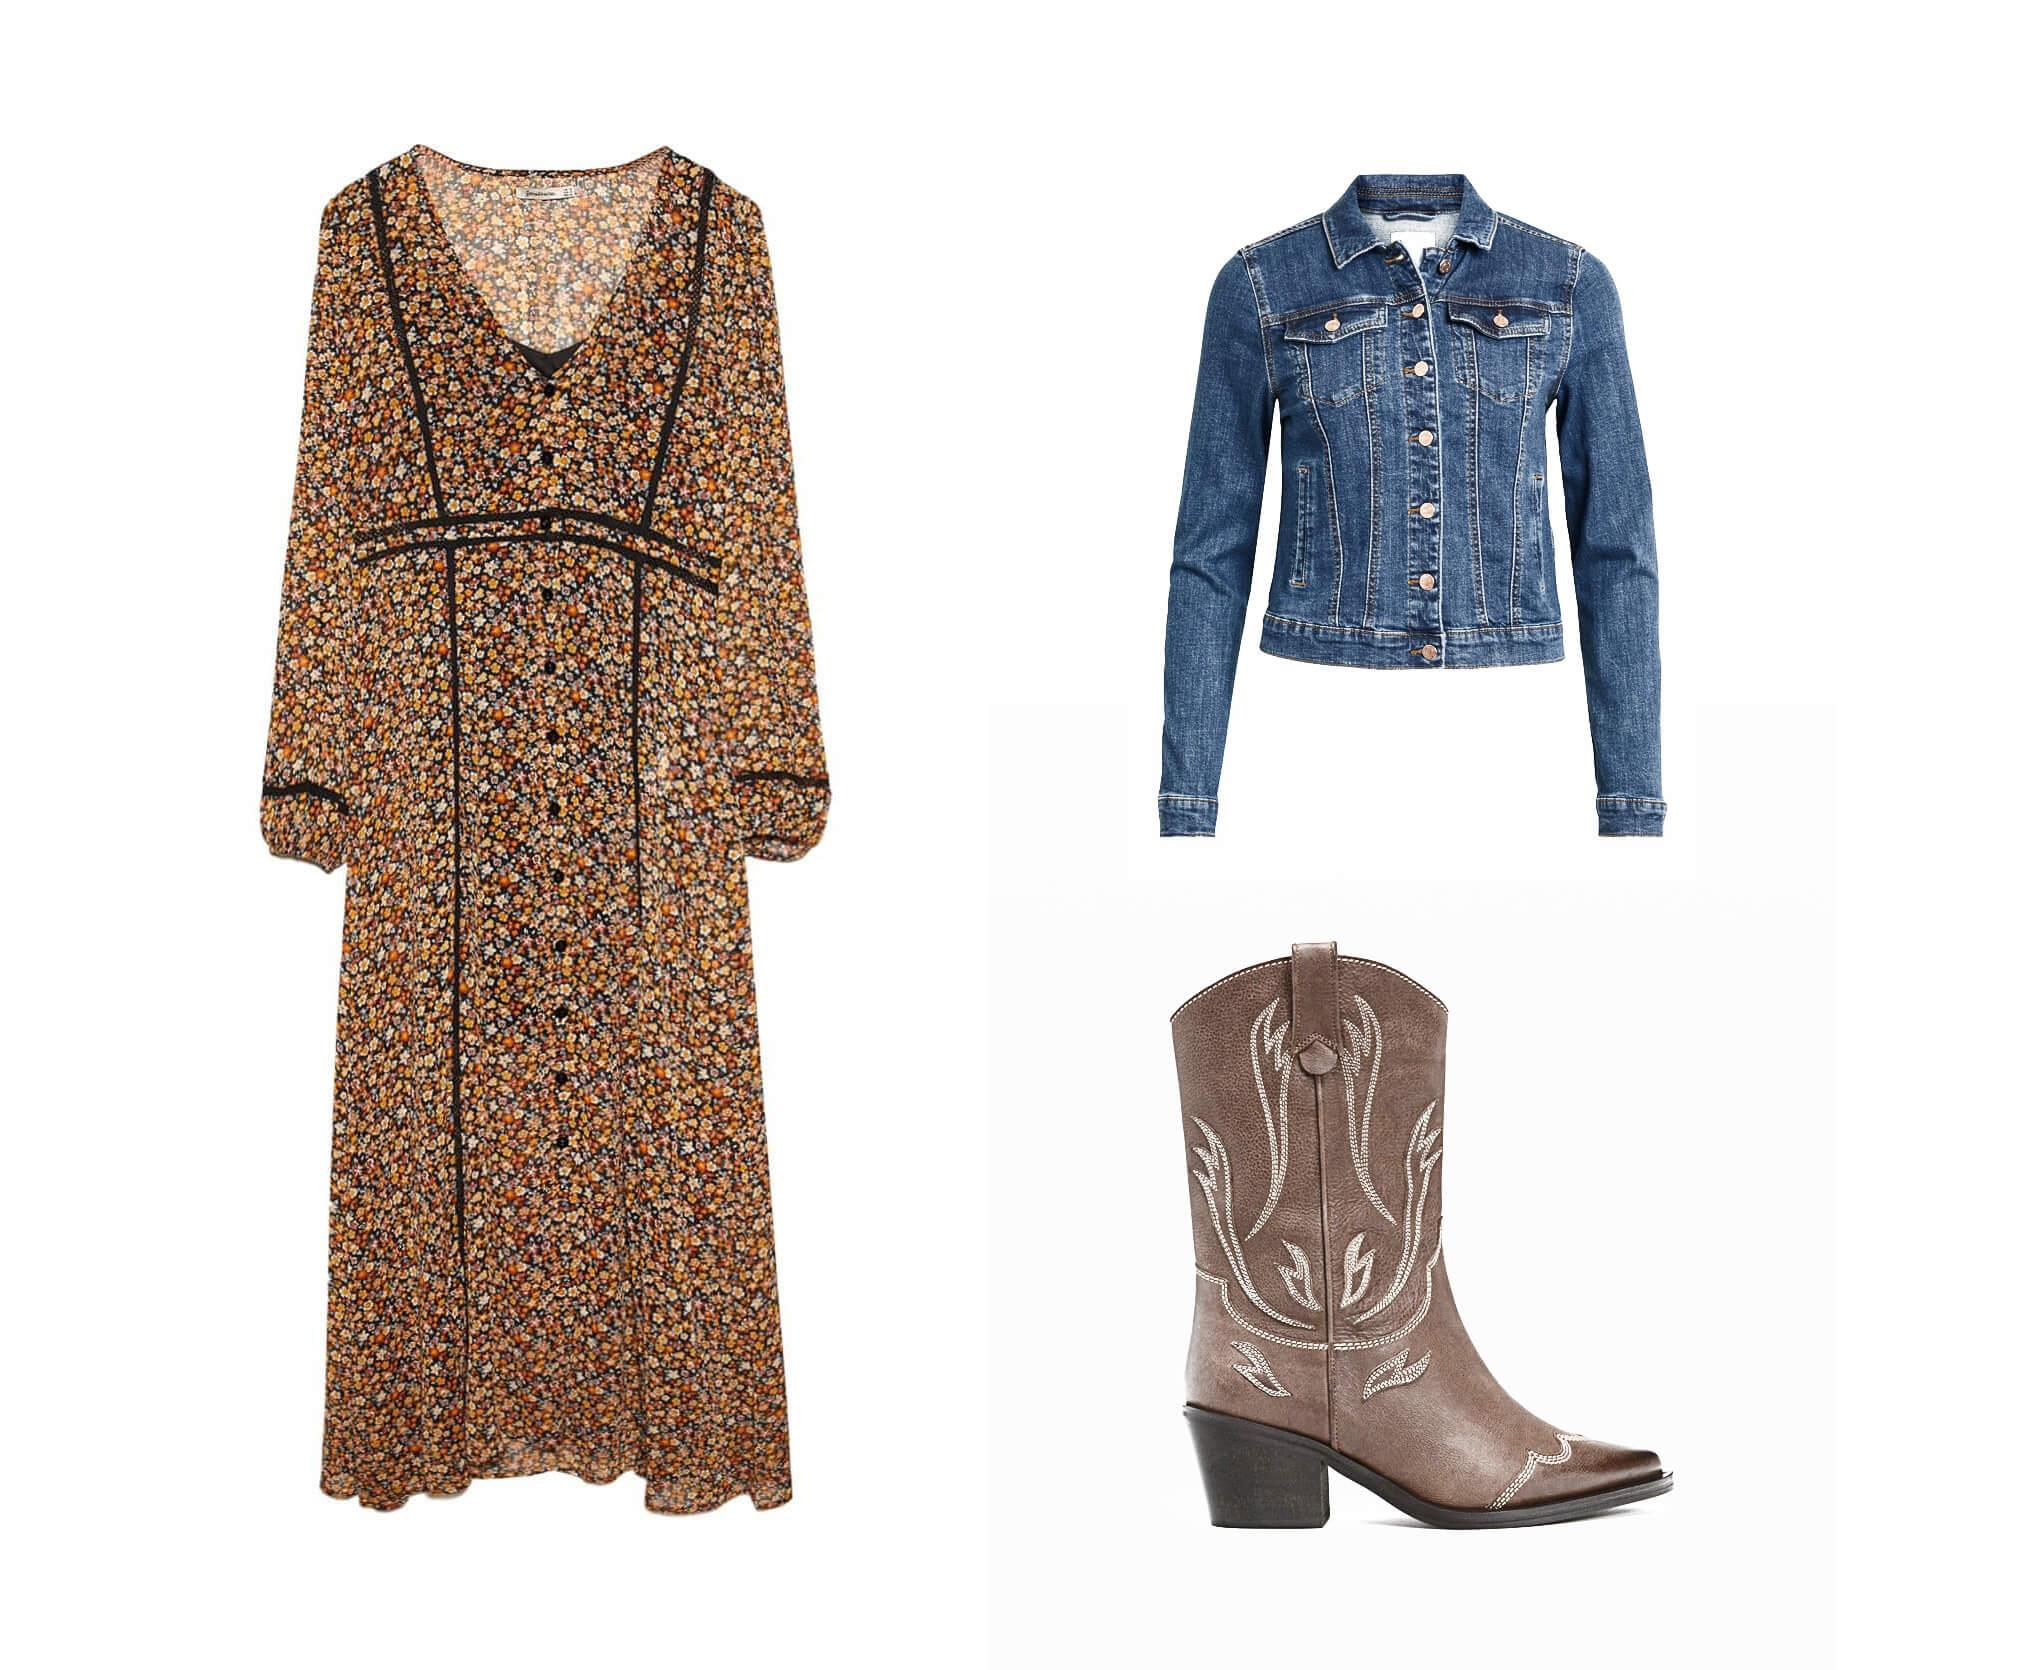 vestido boho con botas country y cazadora vaquera